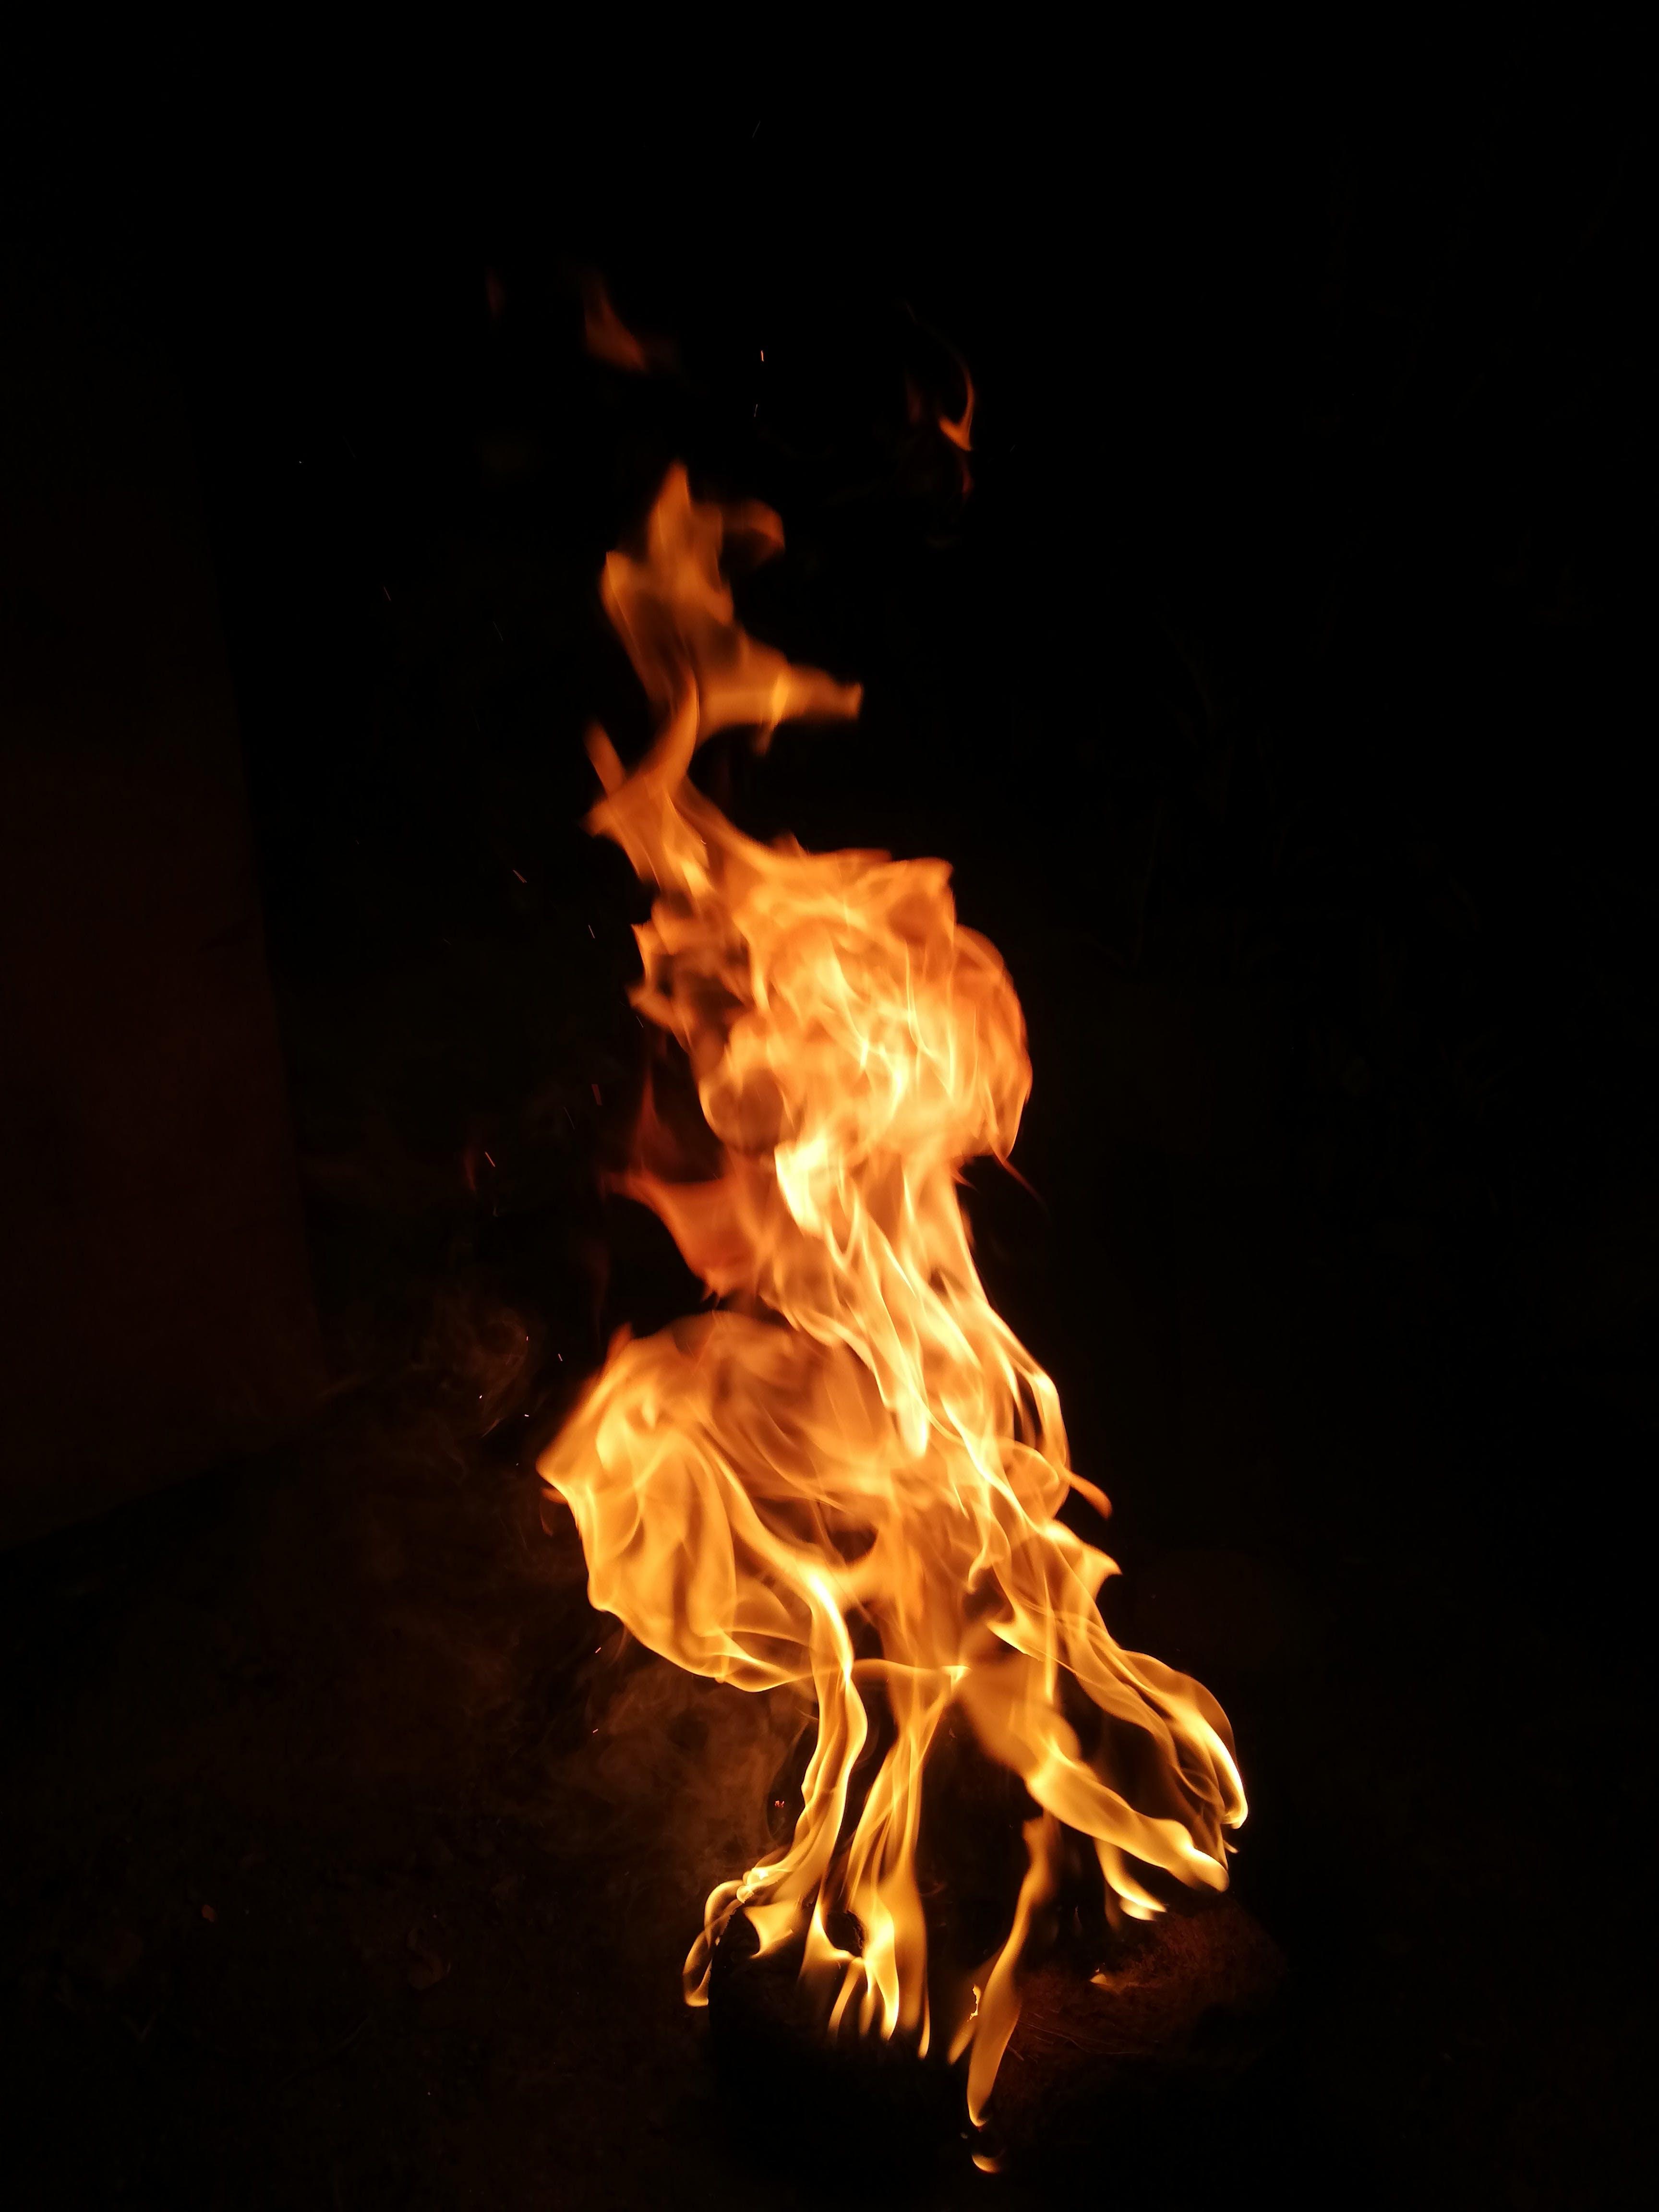 Foto d'estoc gratuïta de atractiu, calor, flama, fogata